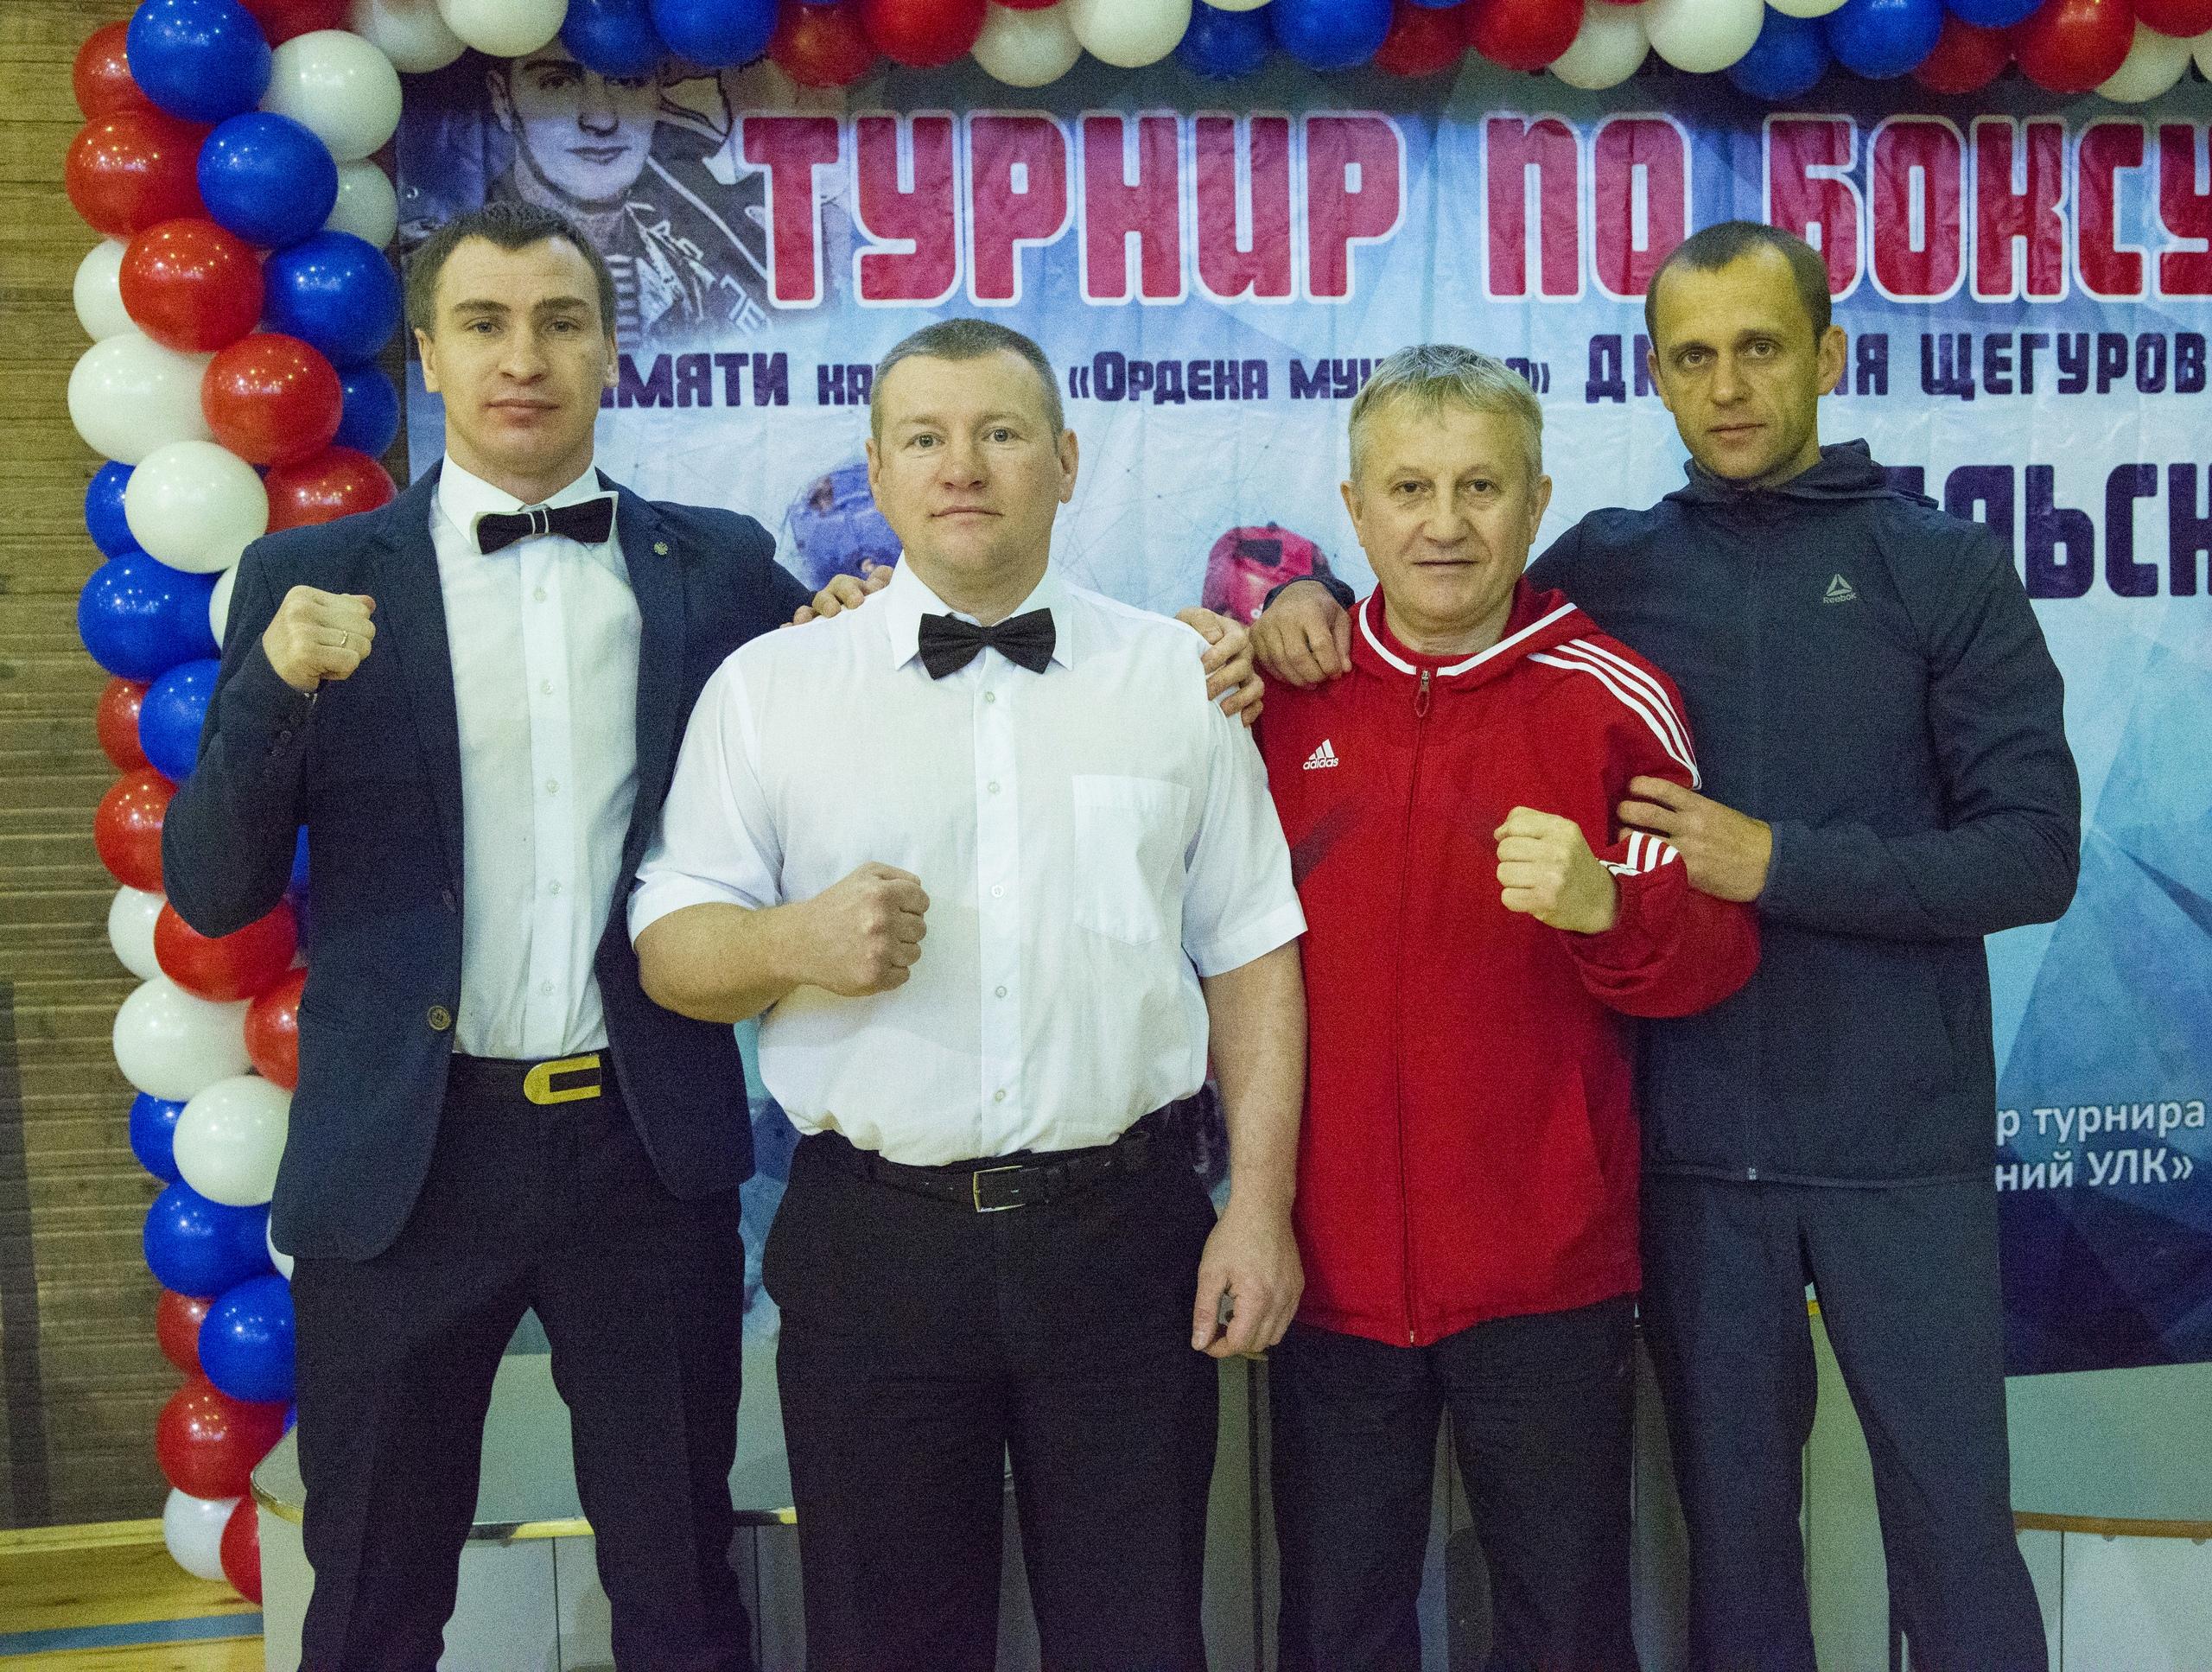 Щегурова 2019_4